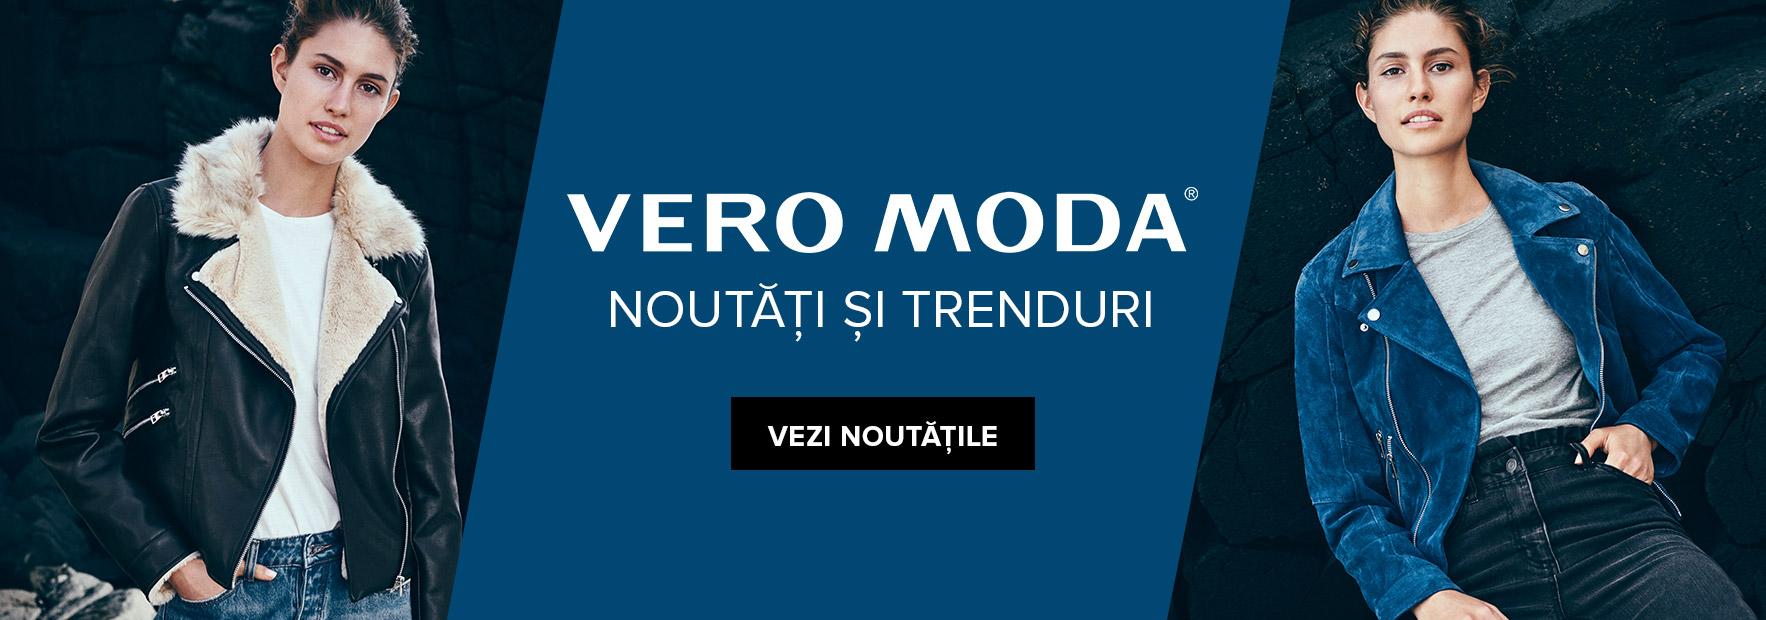 Noutăți de la VERO MODA